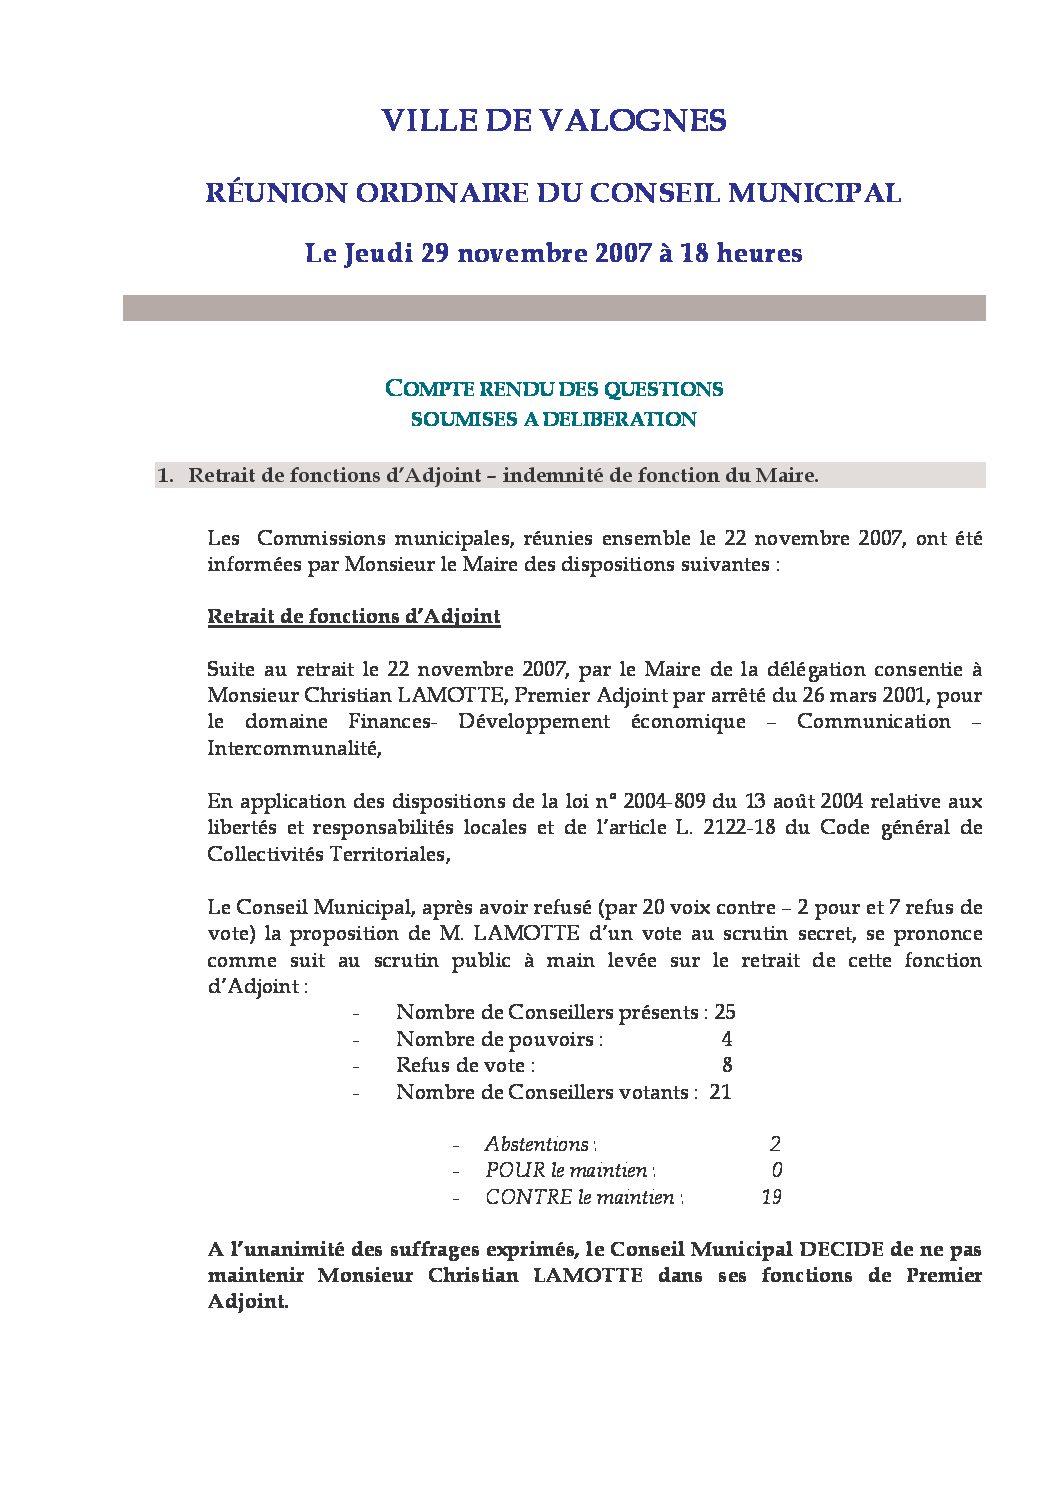 Extrait du registre des délibérations du 29-11-2007 - Compte rendu des questions soumises à délibération lors de la séance du Conseil Municipal du 29 novembre 2007.